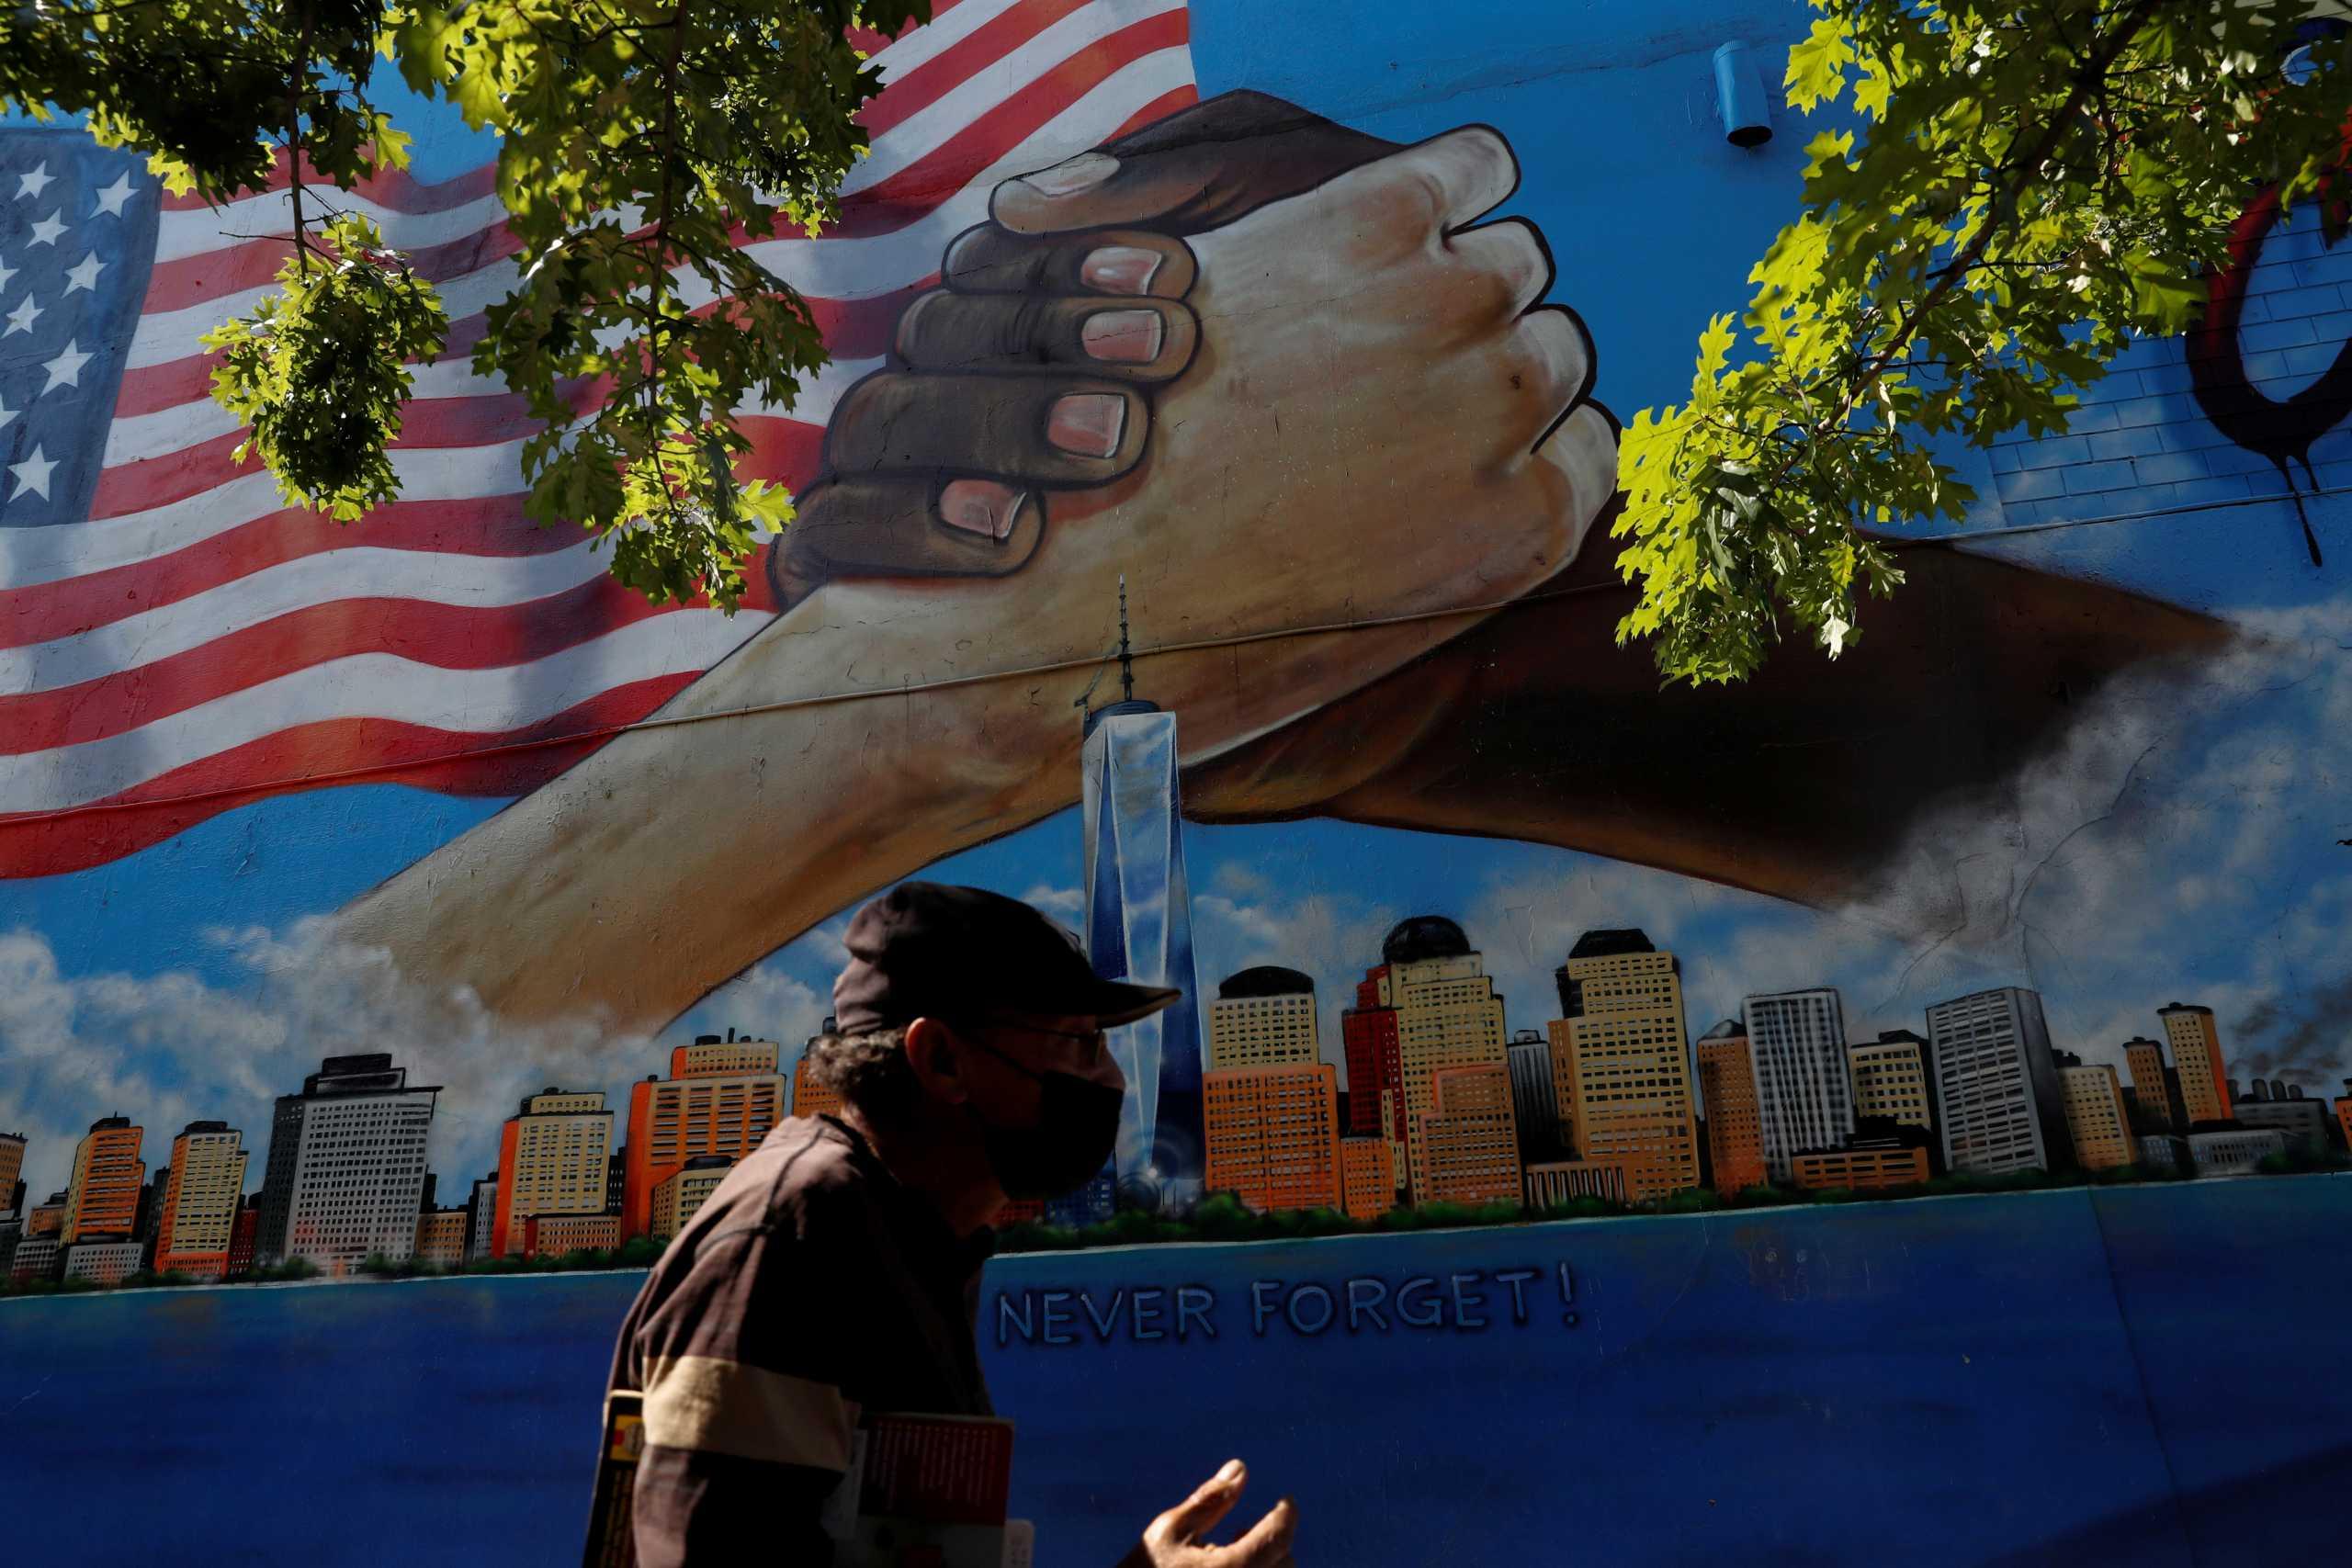 11η Σεπτεμβρίου: Η Δύση έχασε τον πόλεμο εναντίον του τζιχάντ;